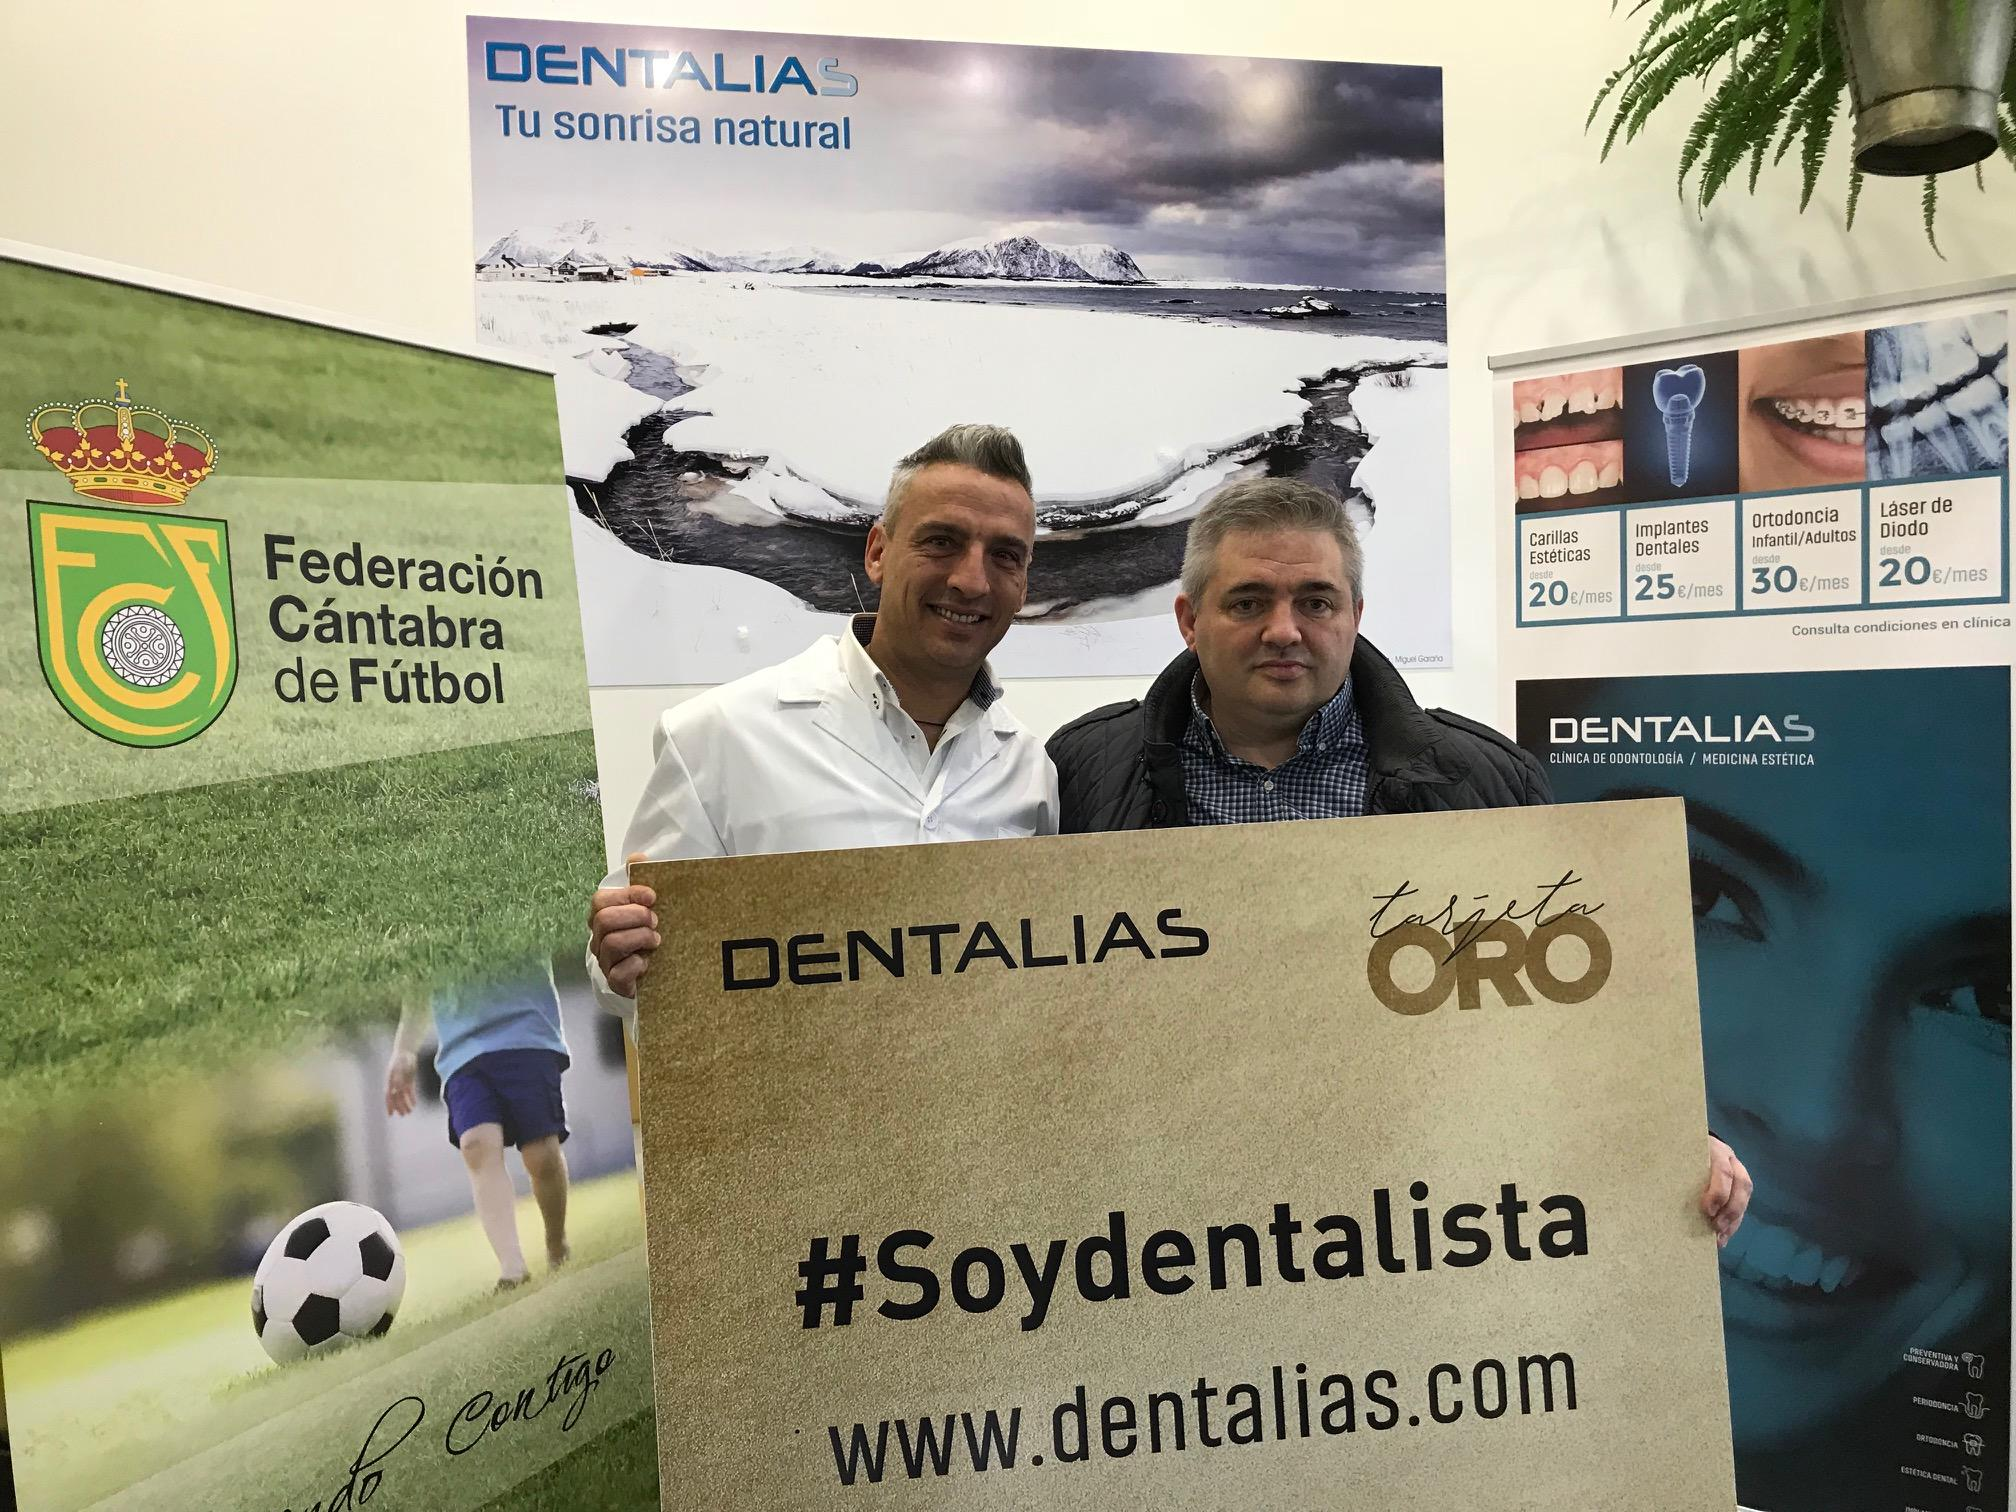 Dentalias se convierte en la clínica dental y de medicina estética de la Federación Cántabra de Fútbol